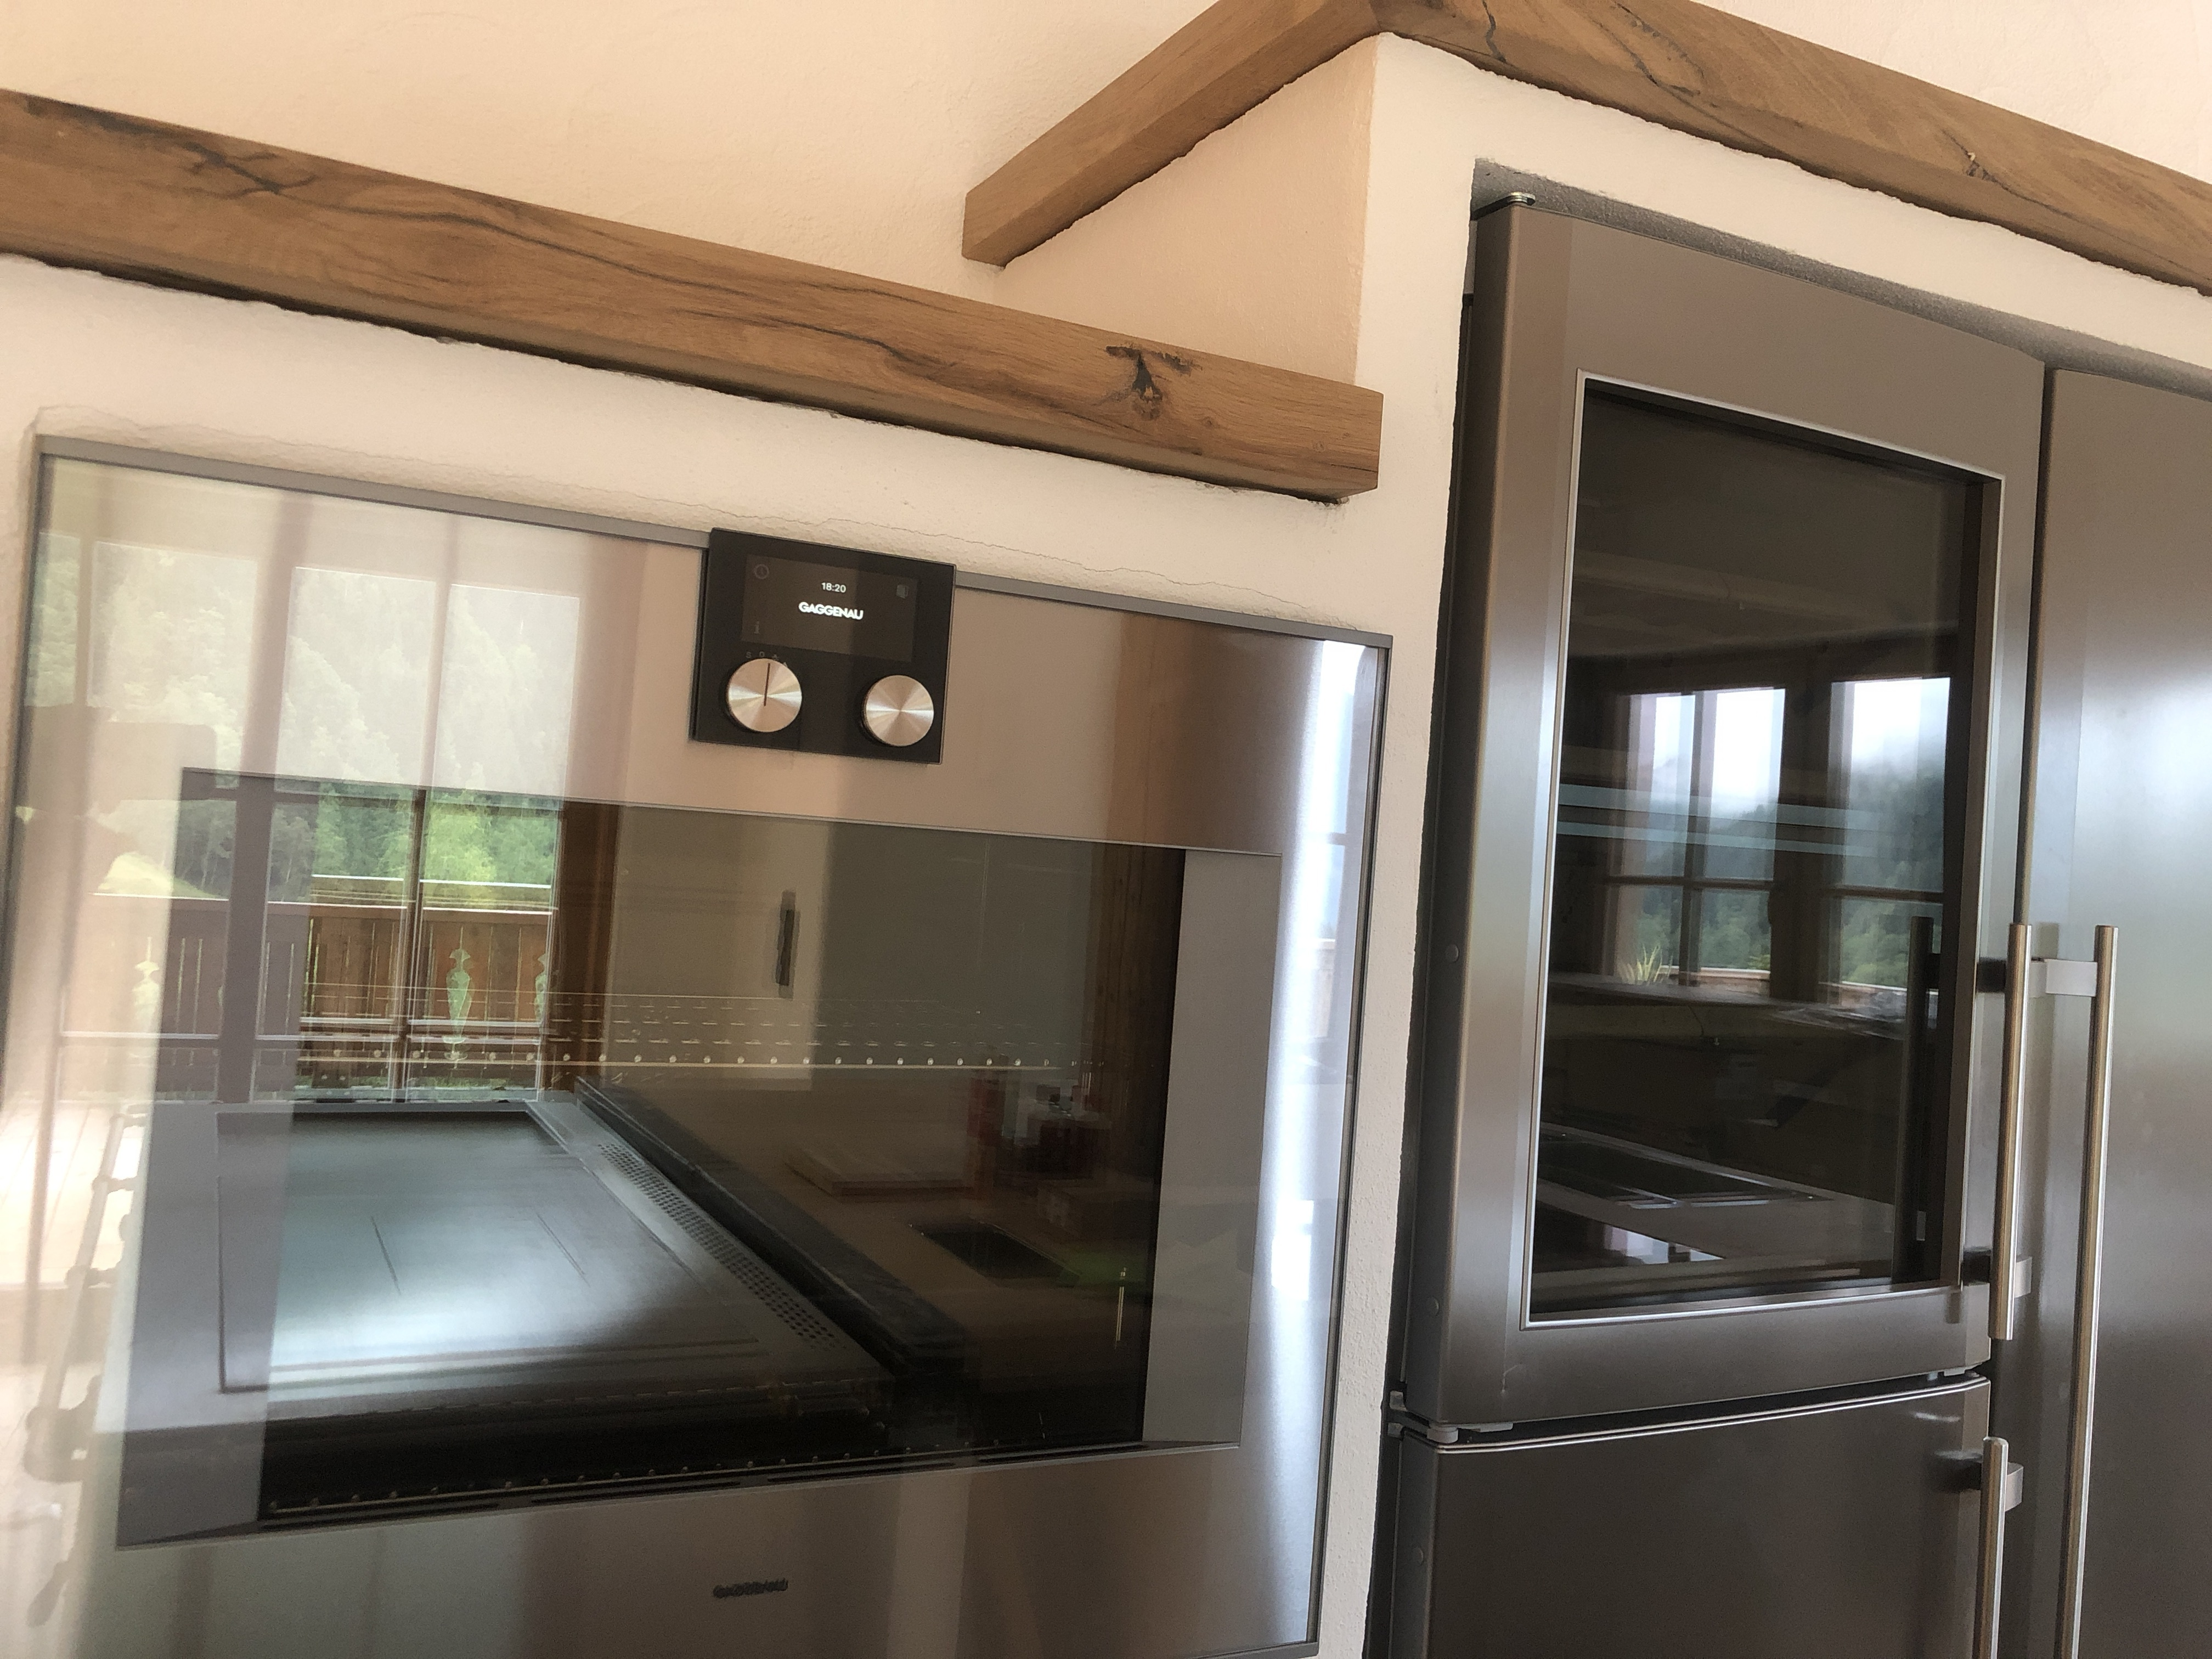 Amerikanischer Kühlschrank Günstig Kaufen : Küche mit side by side kühlschrank